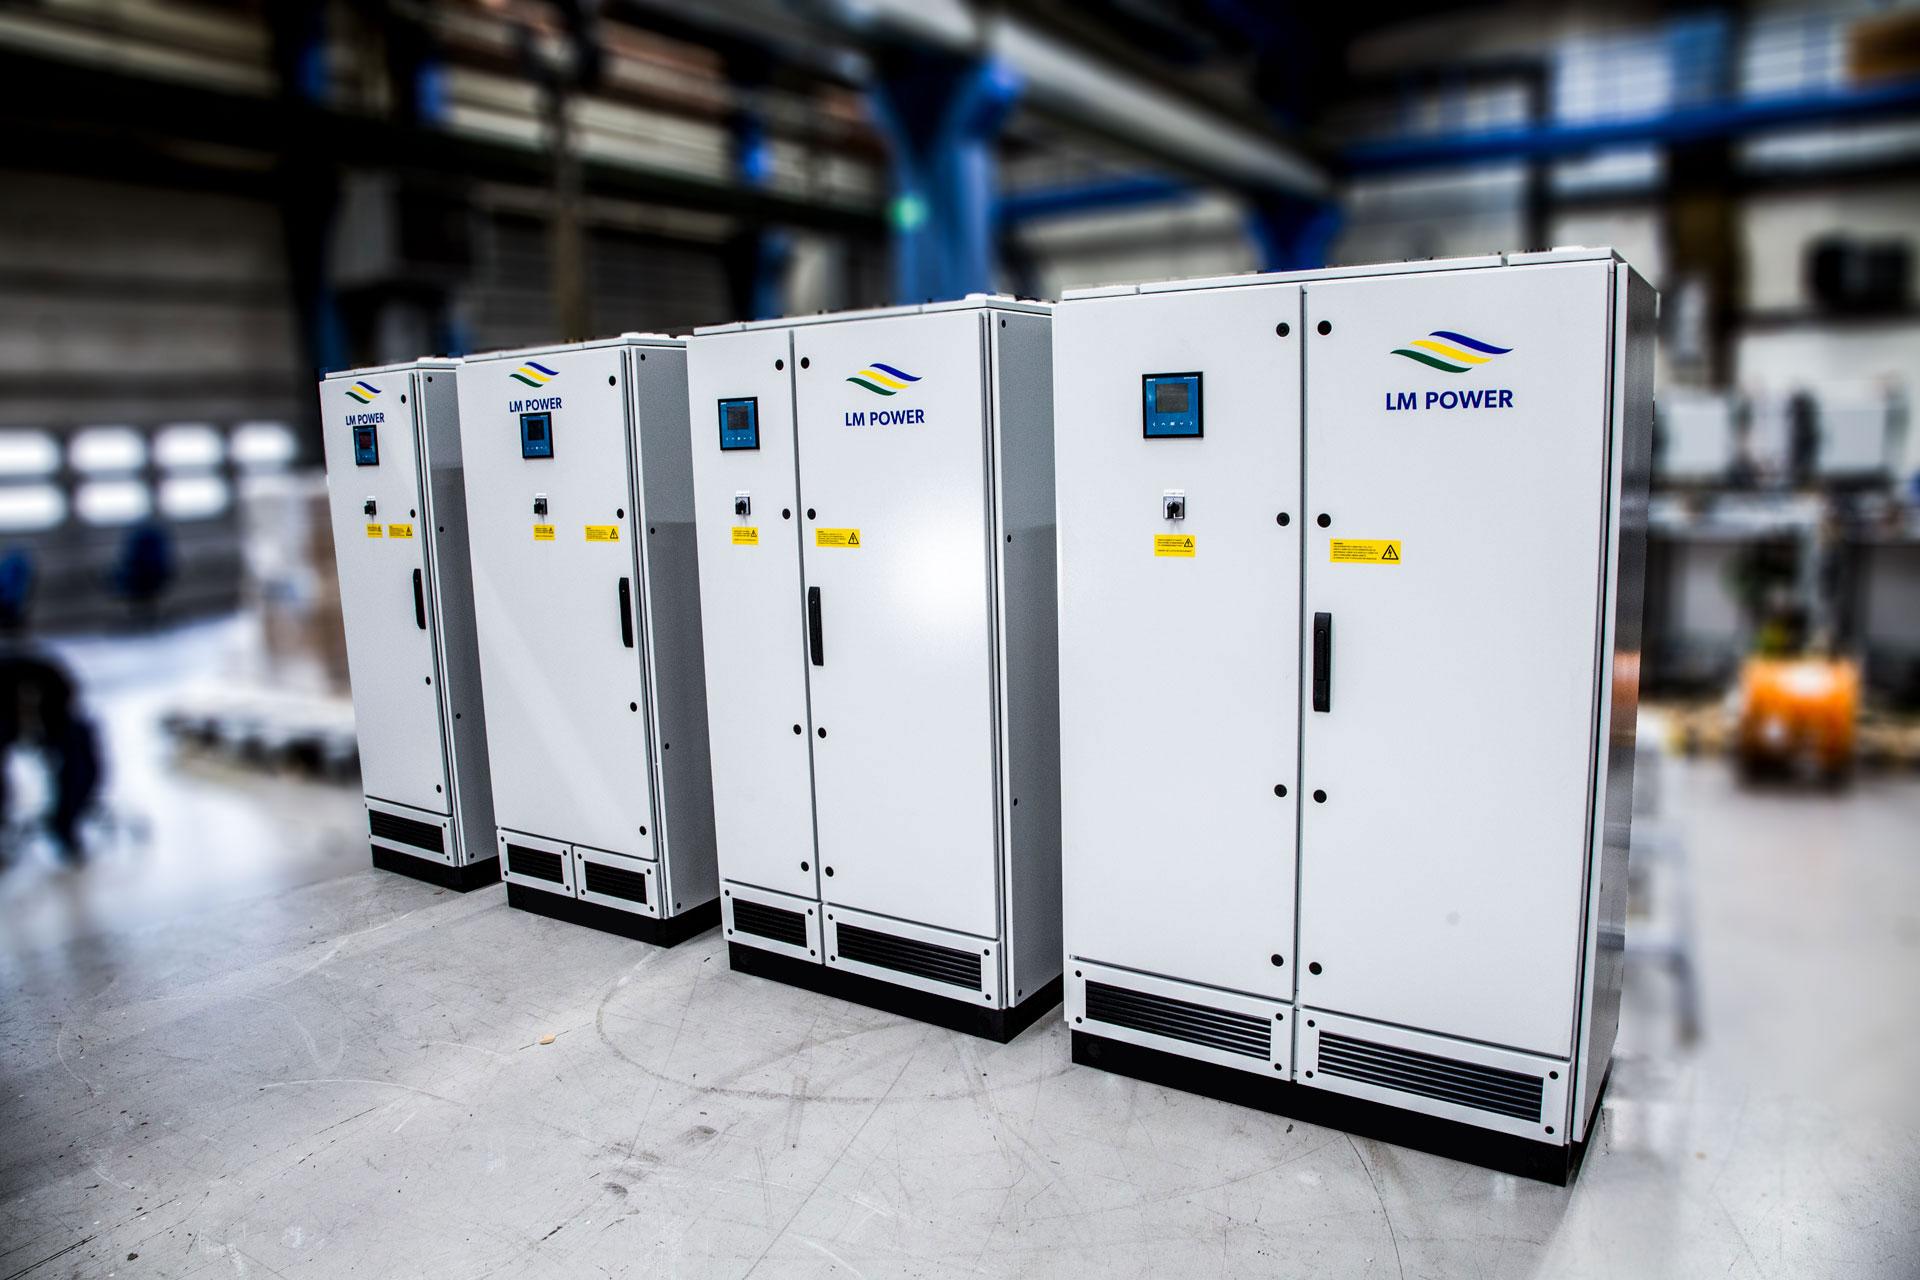 Faskompenseringsskåp - LM-Power D150, D200, D250, D300, D375, D450